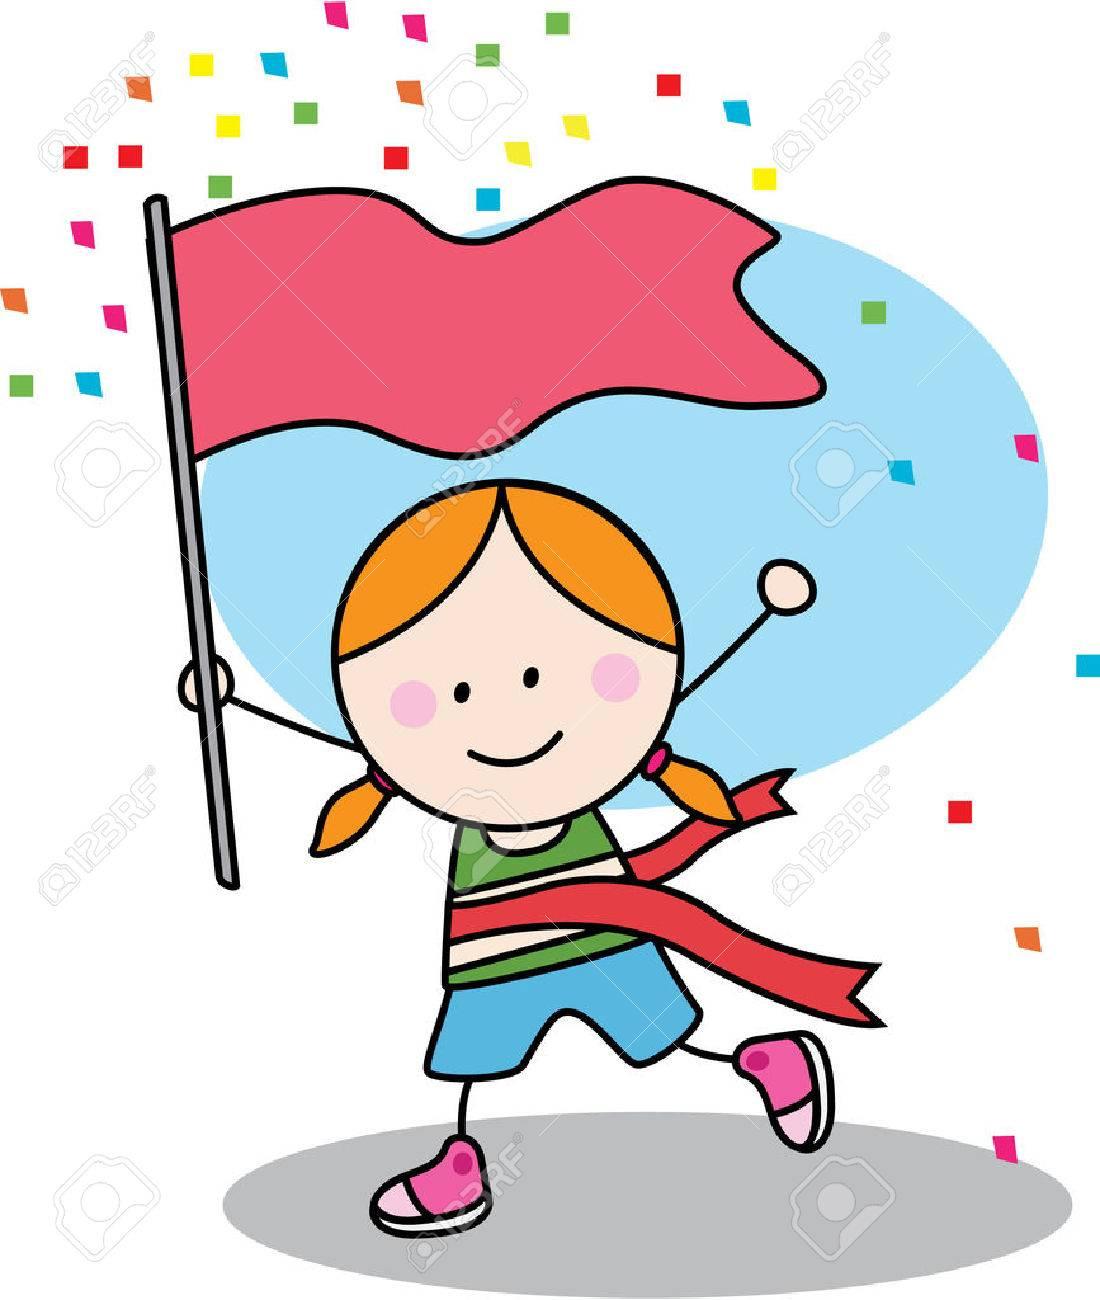 優勝旗と実行している女の子のイラスト素材ベクタ Image 45053826